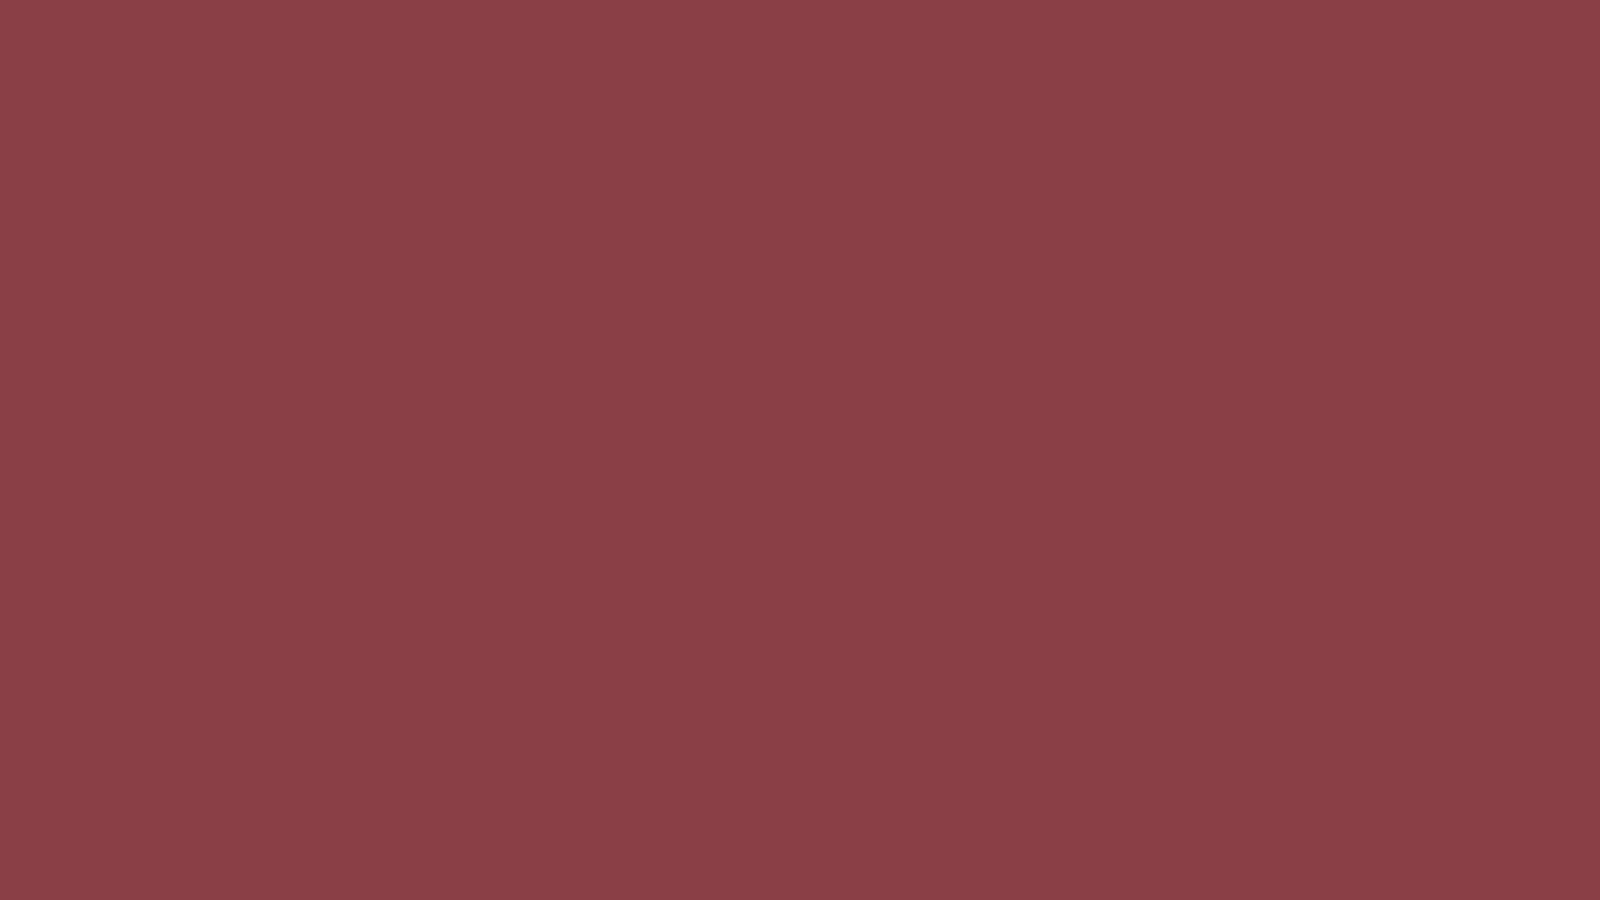 1600x900 Cordovan Solid Color Background